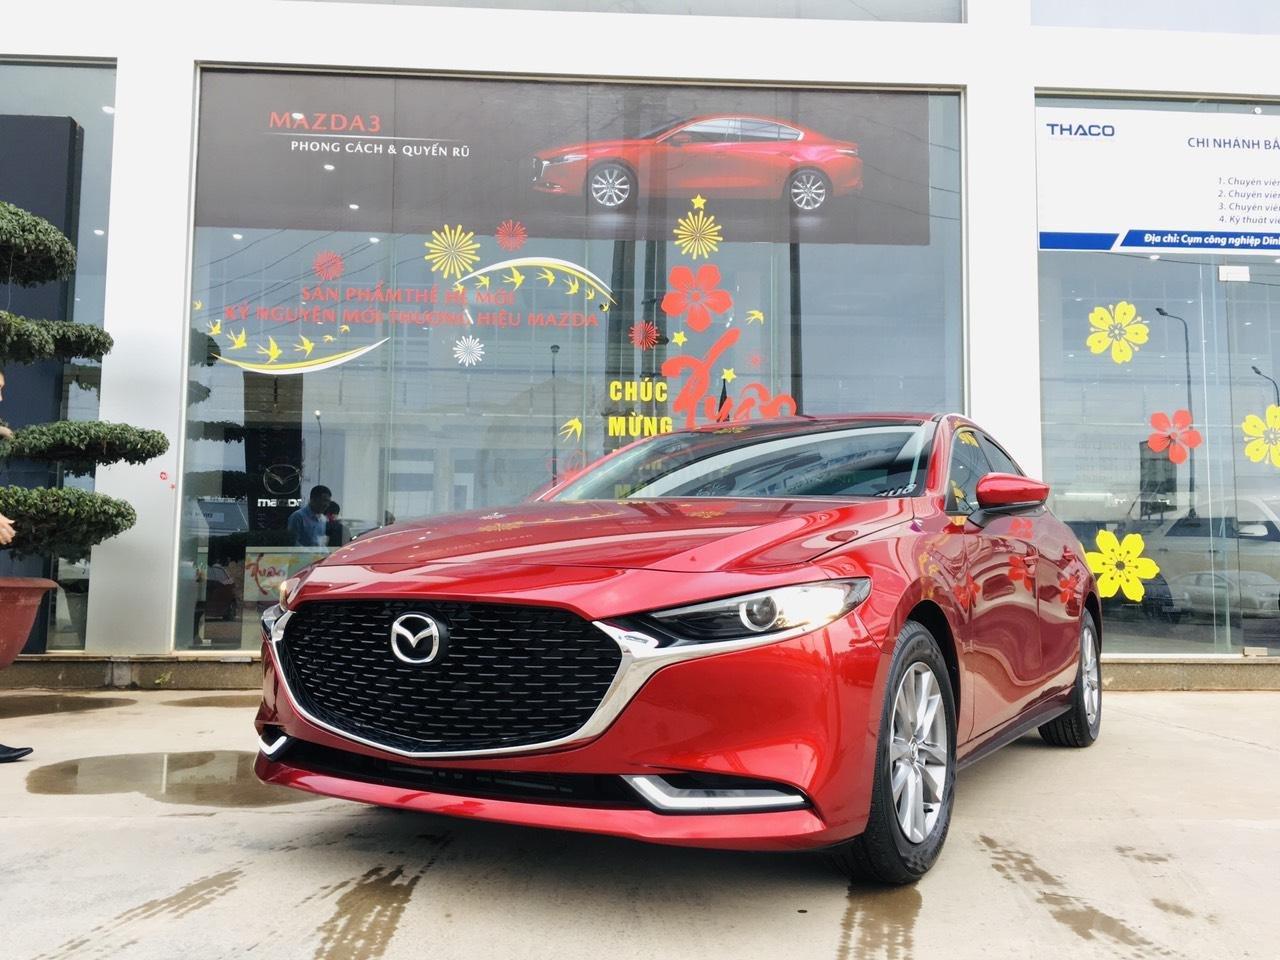 Mazda 3 All New - Giá ưu đãi lớn nhất bắc bộ - xe đủ màu giao ngay - hỗ trợ mua trả góp đến 85% (1)